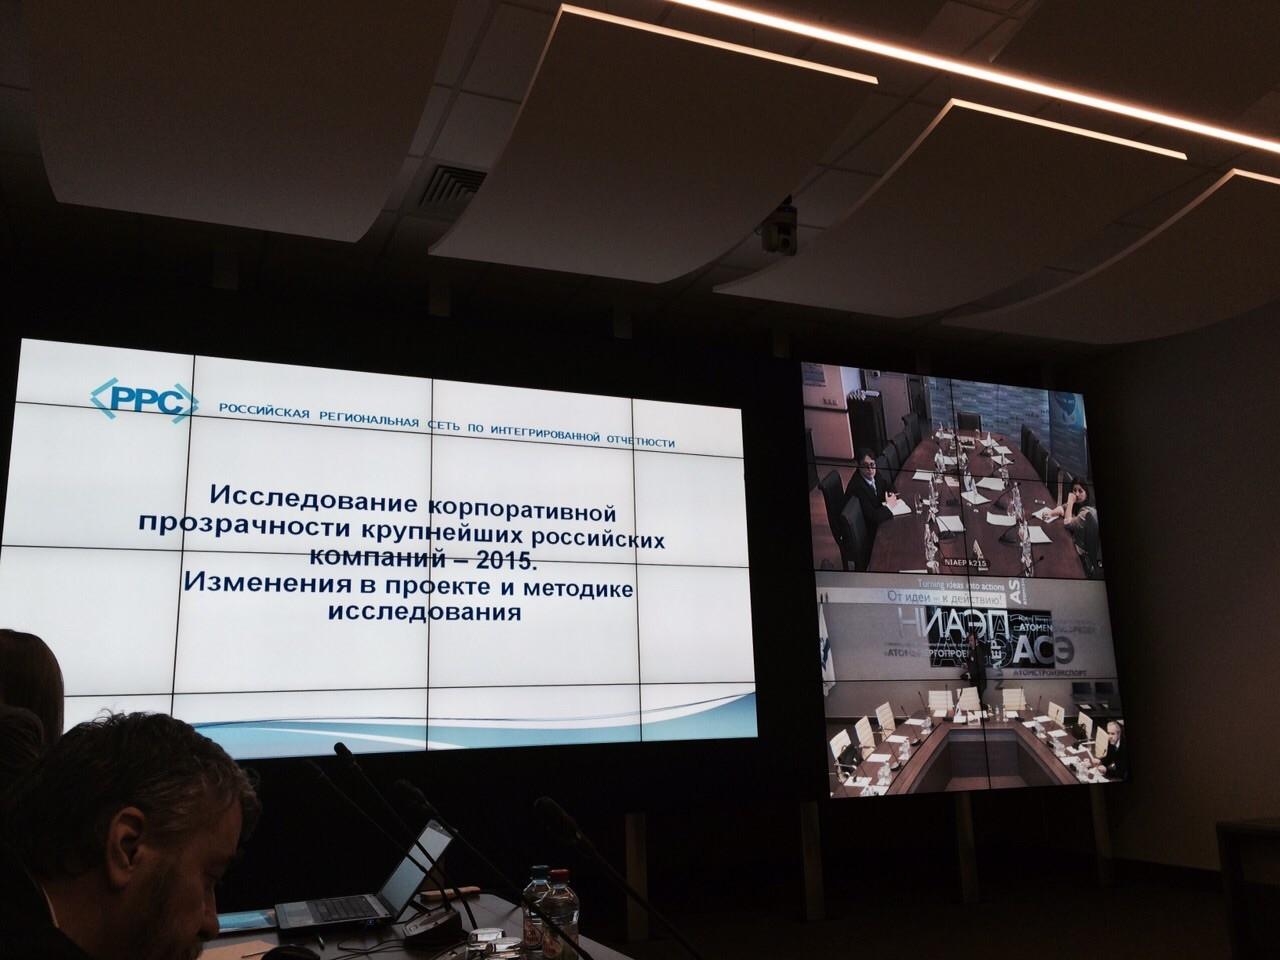 Заседании Делового клуба Российской Региональной Сети по Интегрированной отчетности